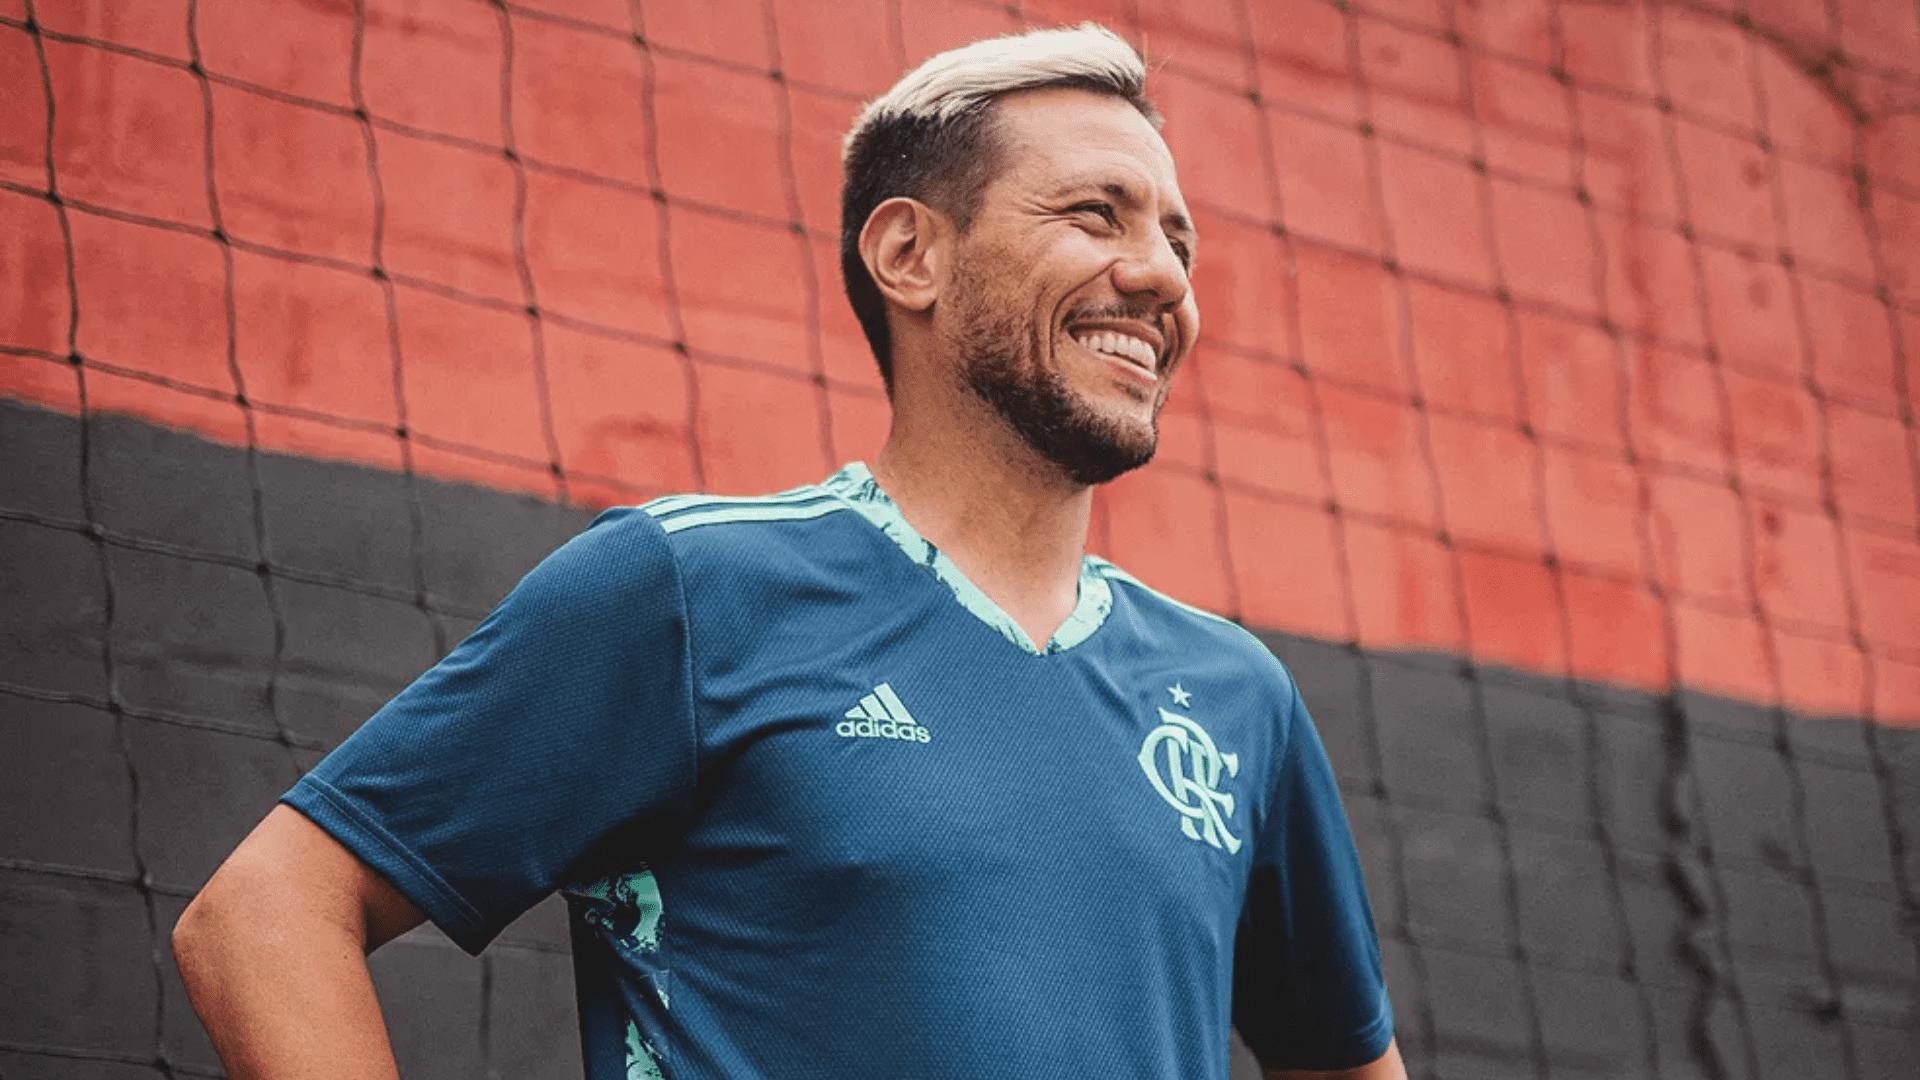 A camisa de goleiro do Flamengo aparece em diferentes tons de azuis e tecido antissuor (Imagem: Divulgação/Flamengo)